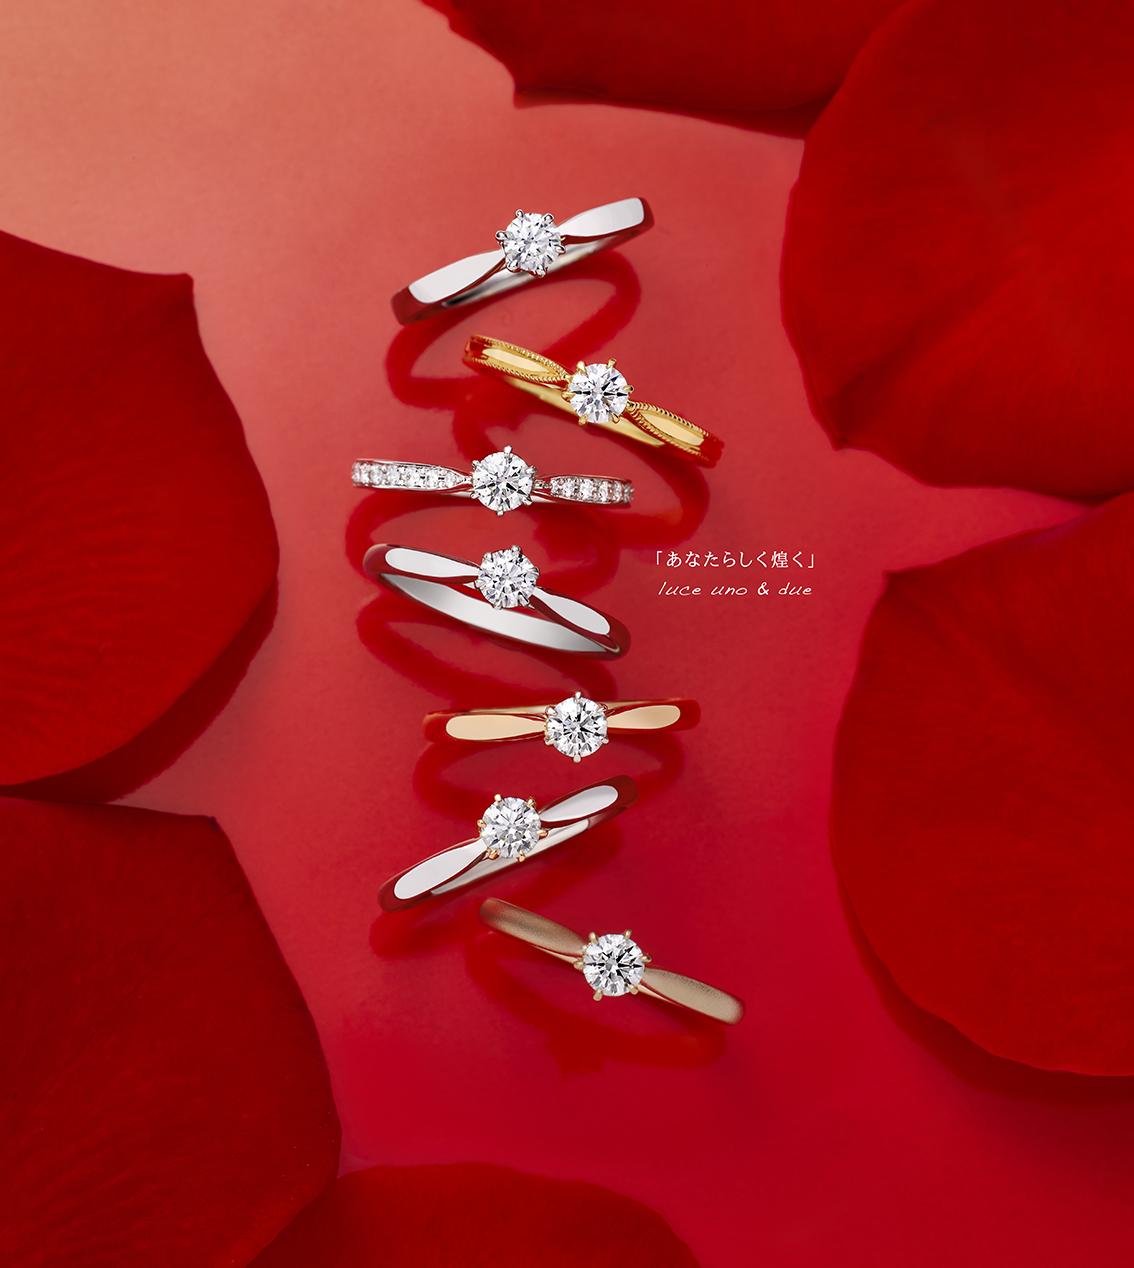 【新作デザイン登場】プロポーズにもぴったり。ミレニアム世代のカップルに向けた「自分らしさ」×シンプルな婚約指輪